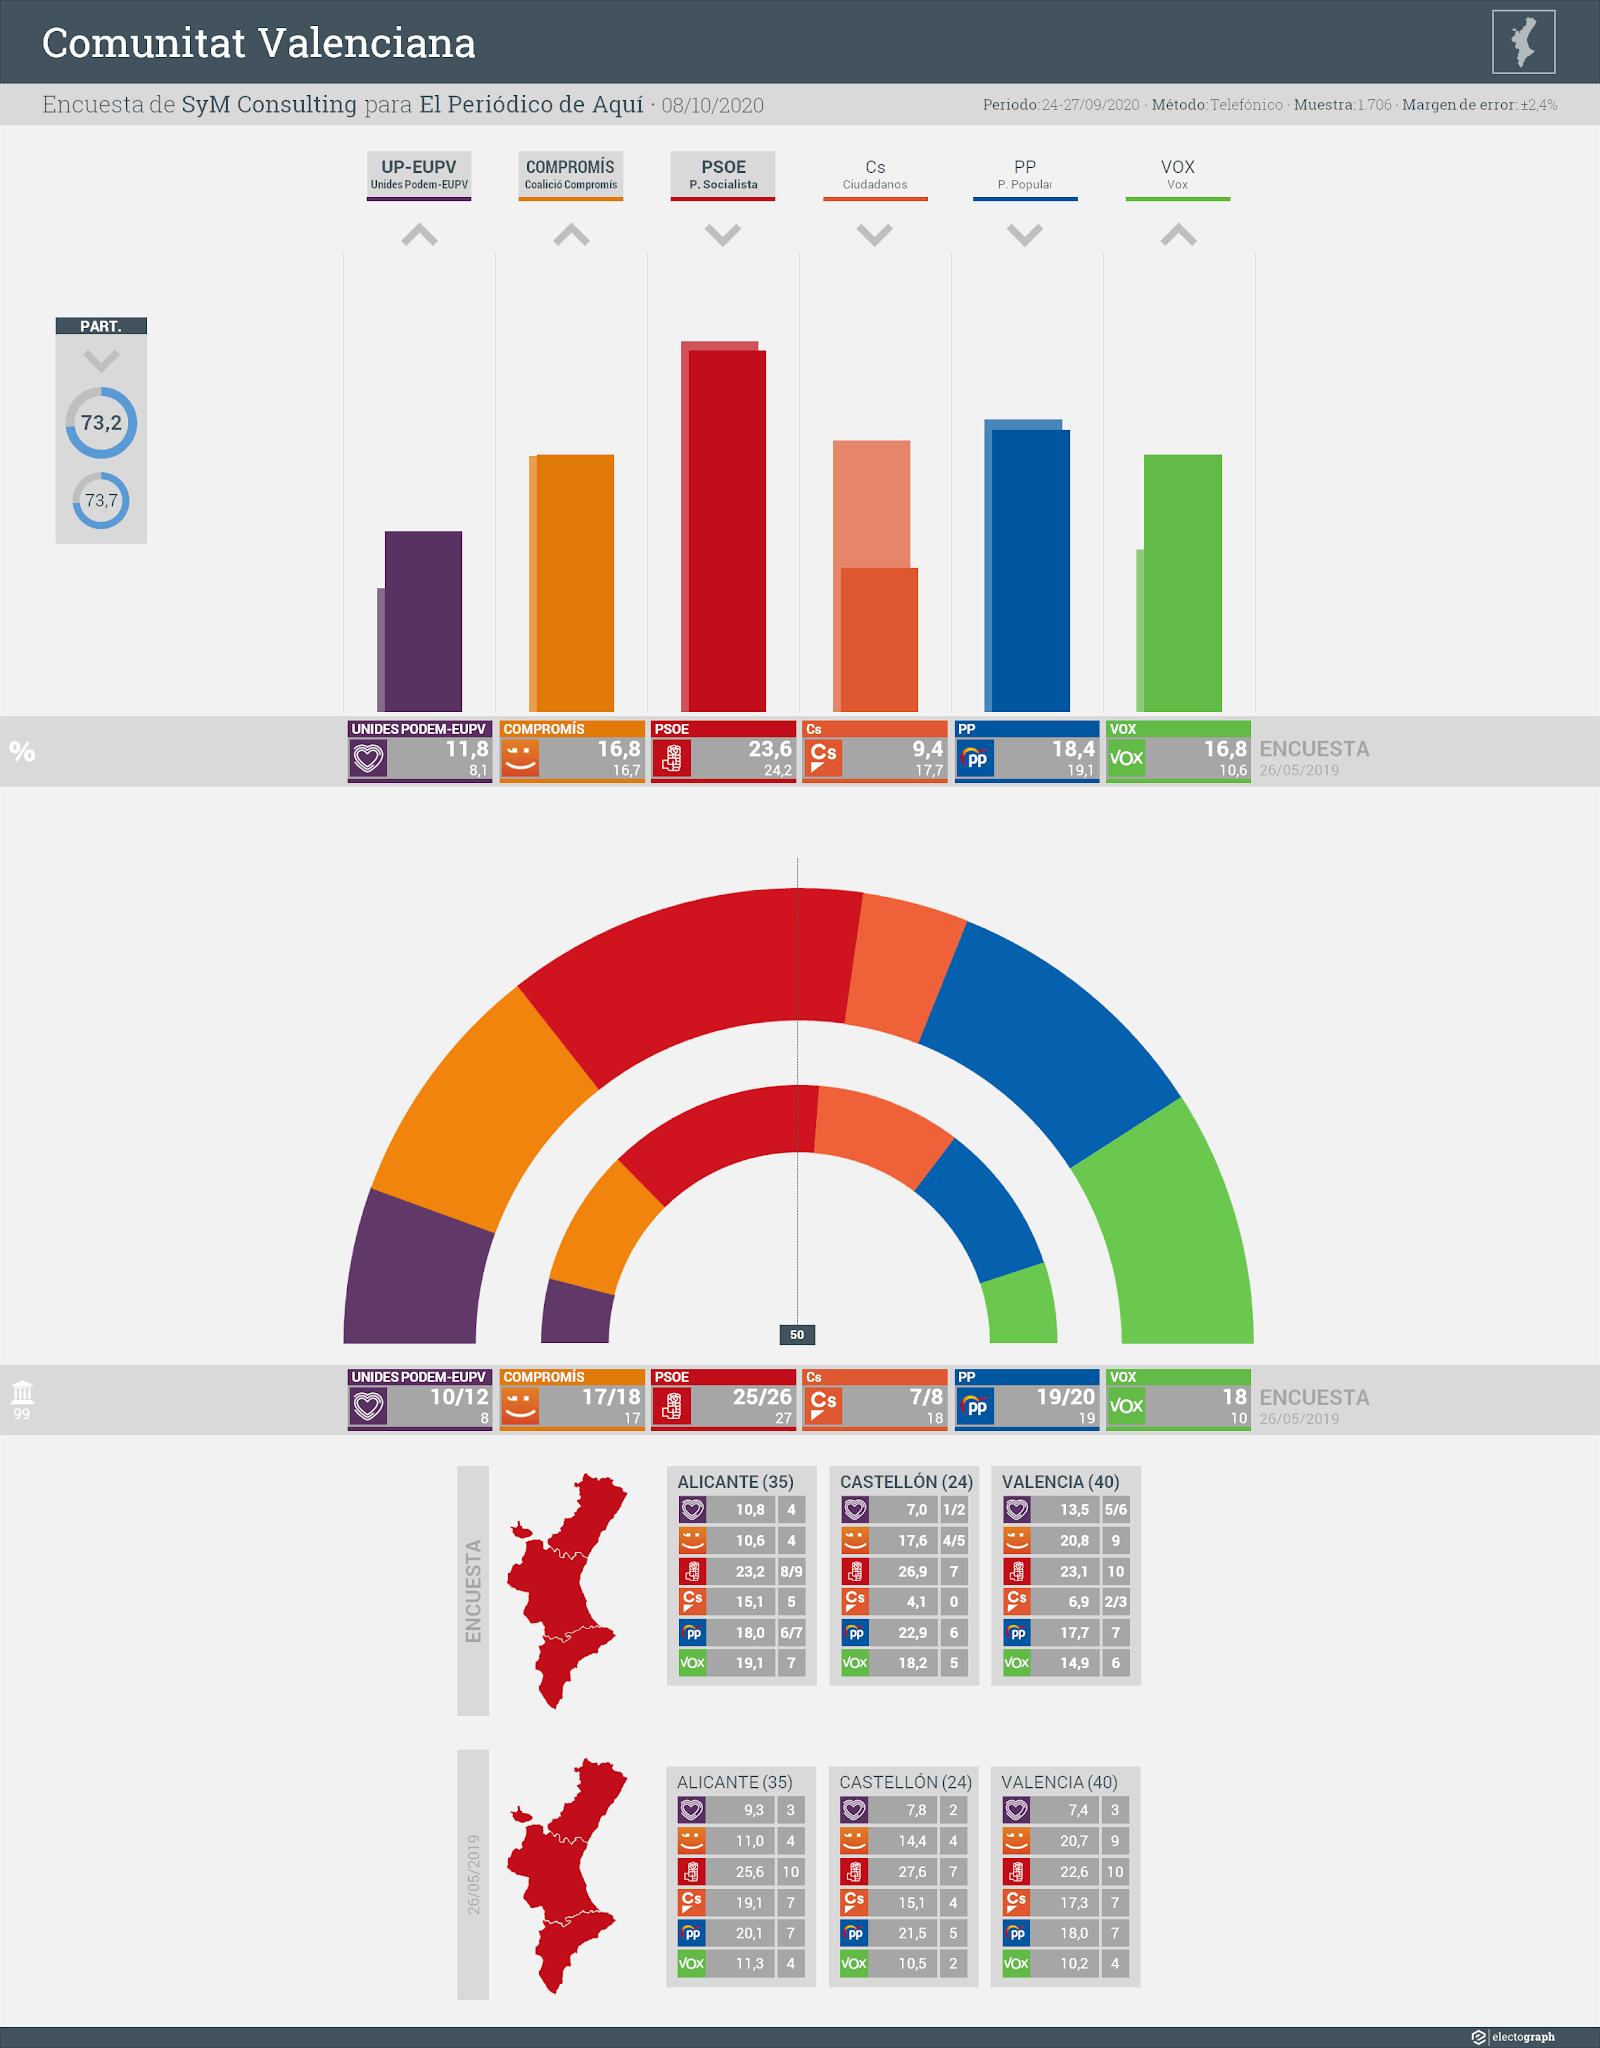 Gráfico de la encuesta para elecciones autonómicas en la Comunitat Valenciana realizada por SyM Consulting para El Periódico de Aquí, 8 de octubre de 2020